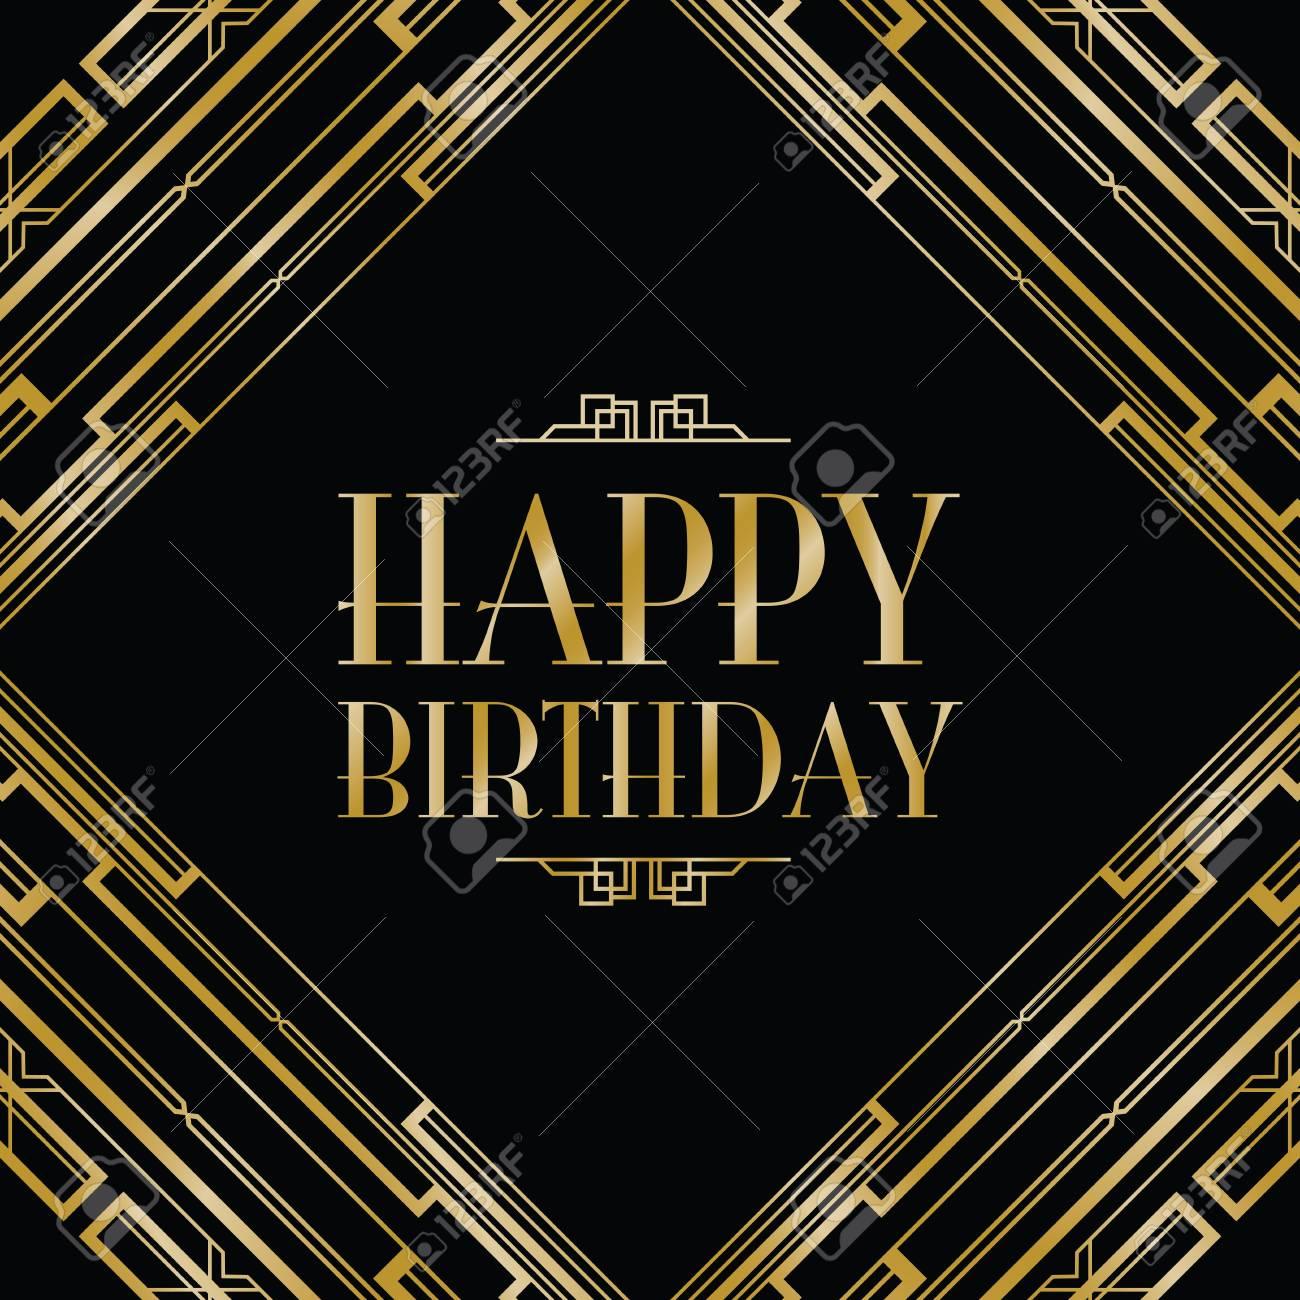 Happy Birthday Art Deco